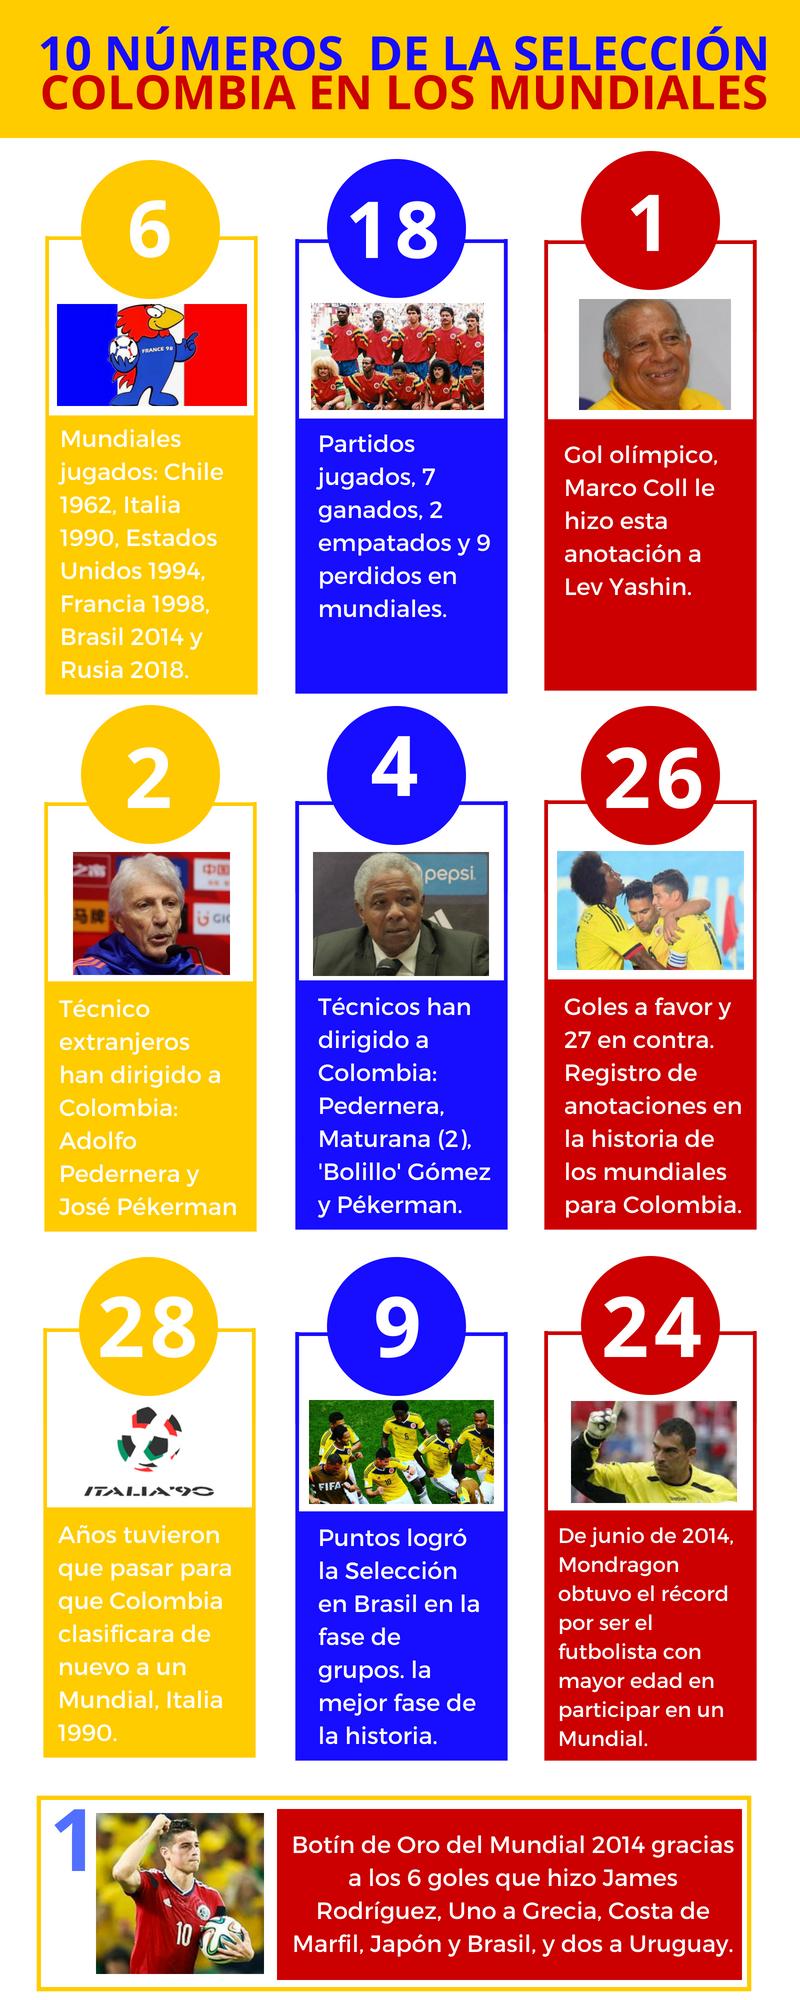 10 datos de la Selección Colombia en los Mundiales